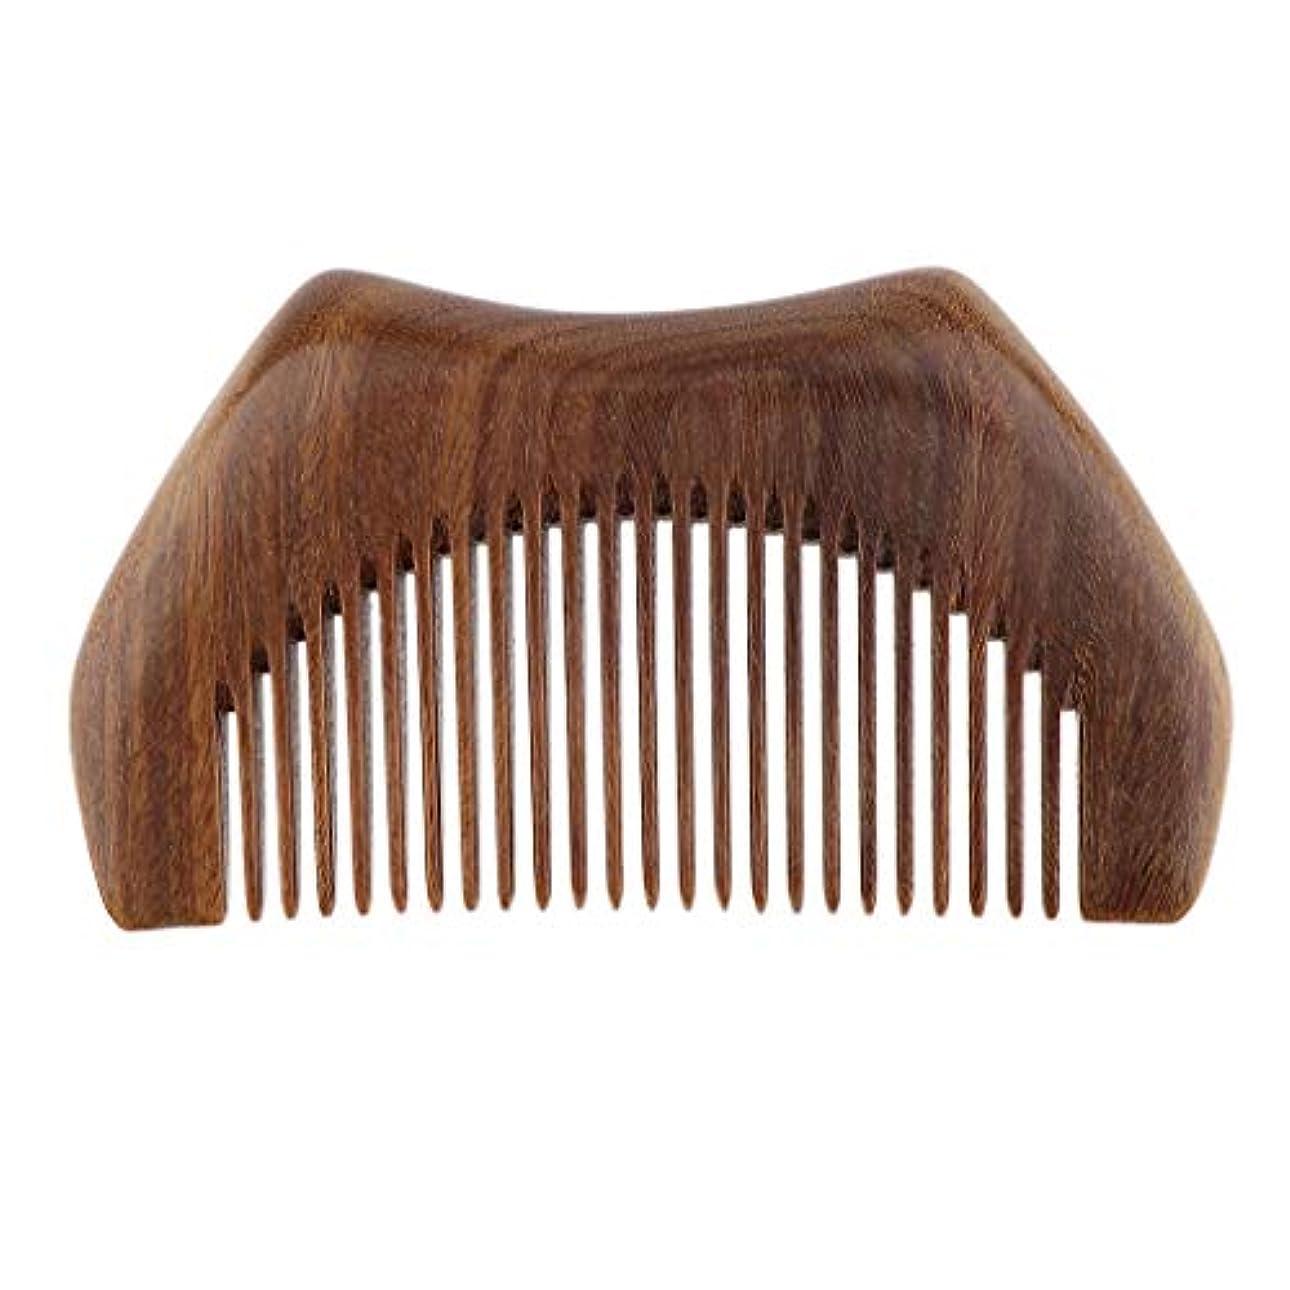 観客魔女ヒロインToygogo ポケットサイズグルーミング木製ヘアコーム|髪をほぐすためのプレミアムファインティース/ひげ/ひげ/口ひげ